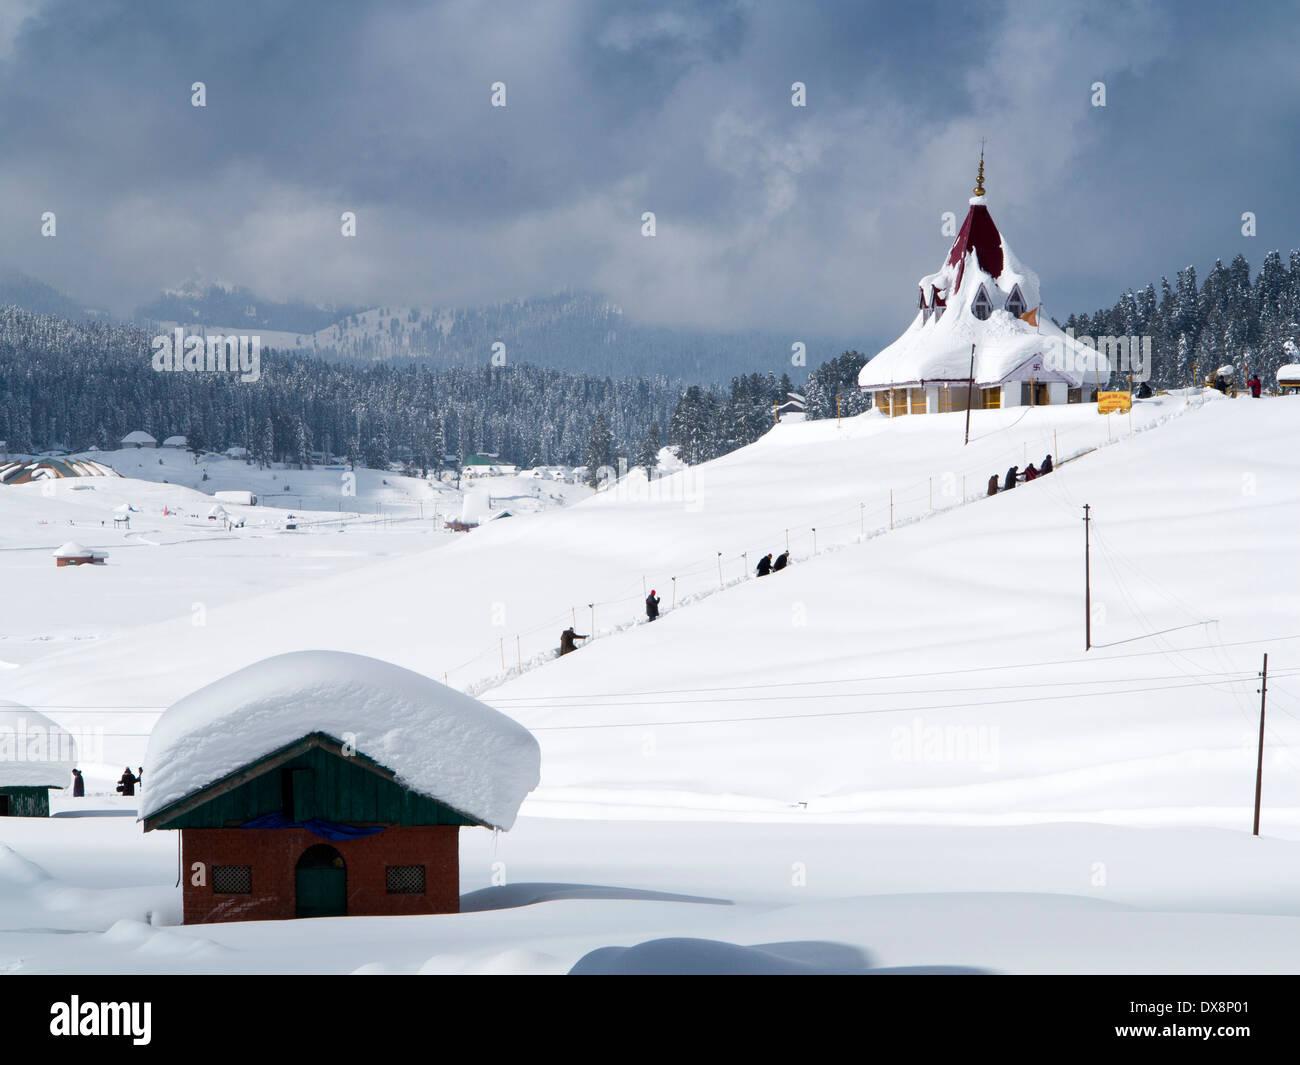 india, kashmir, gulmarg, himalayan ski resort, men walking to snow